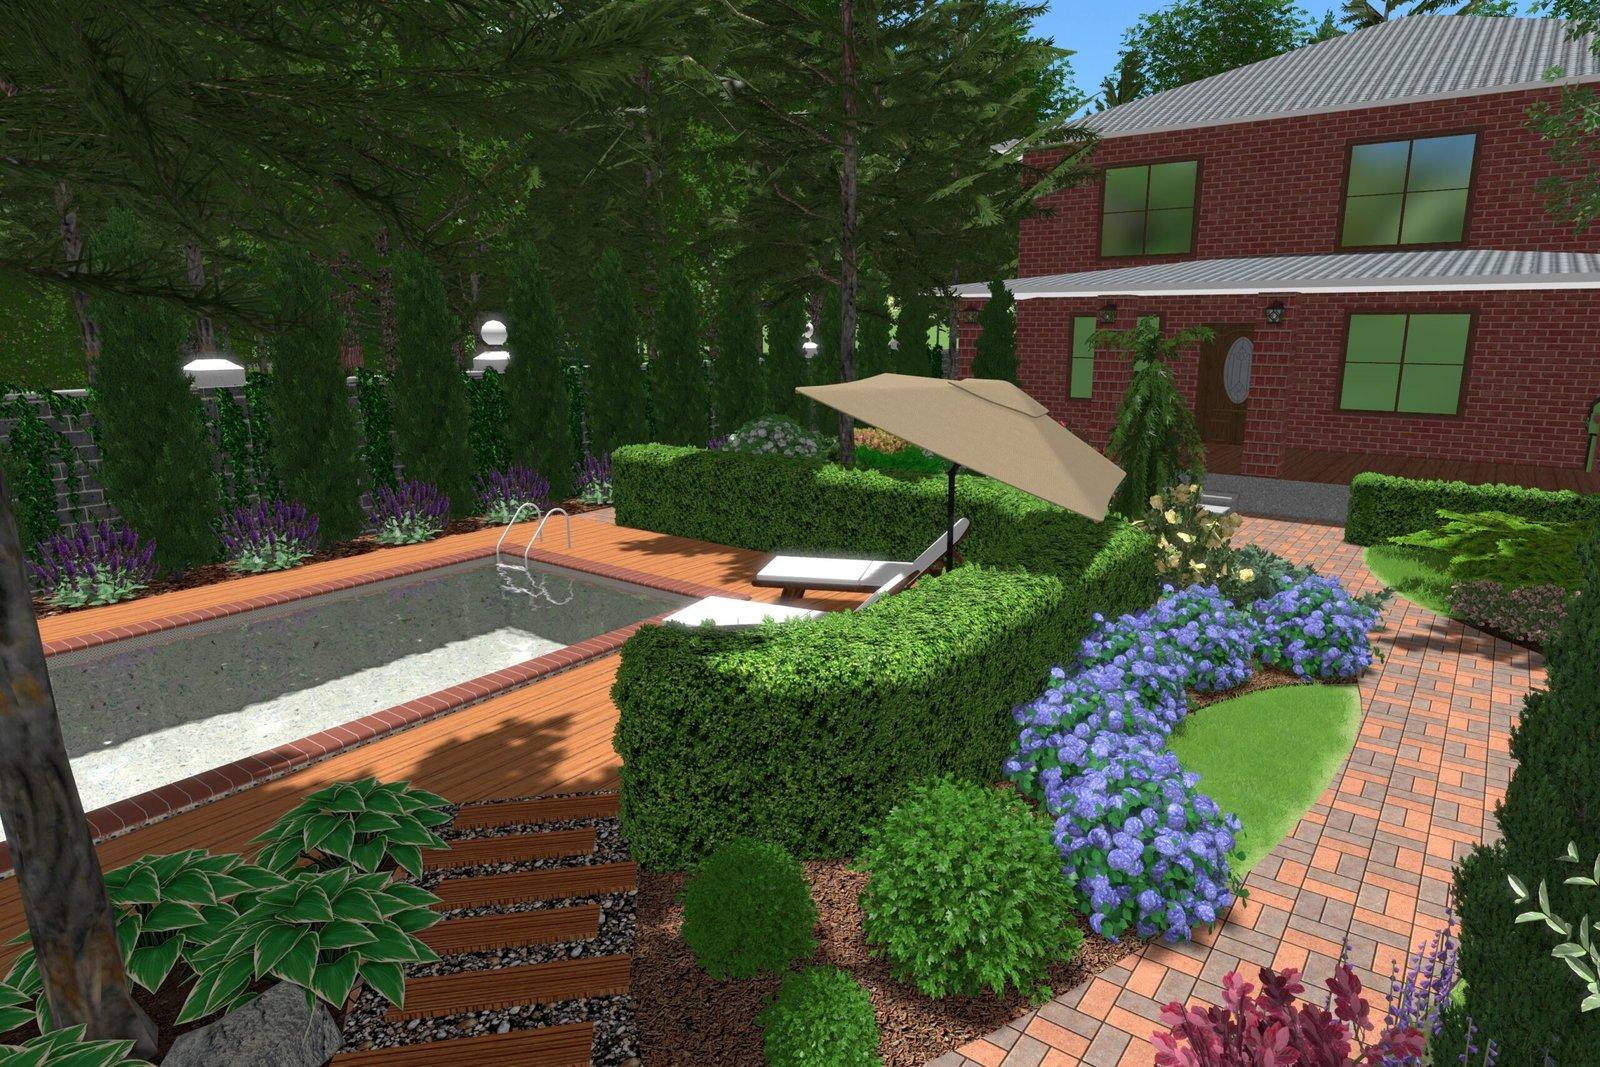 профессиональный ландшафтный дизайн, ландшафтный дизайн вокруг дома